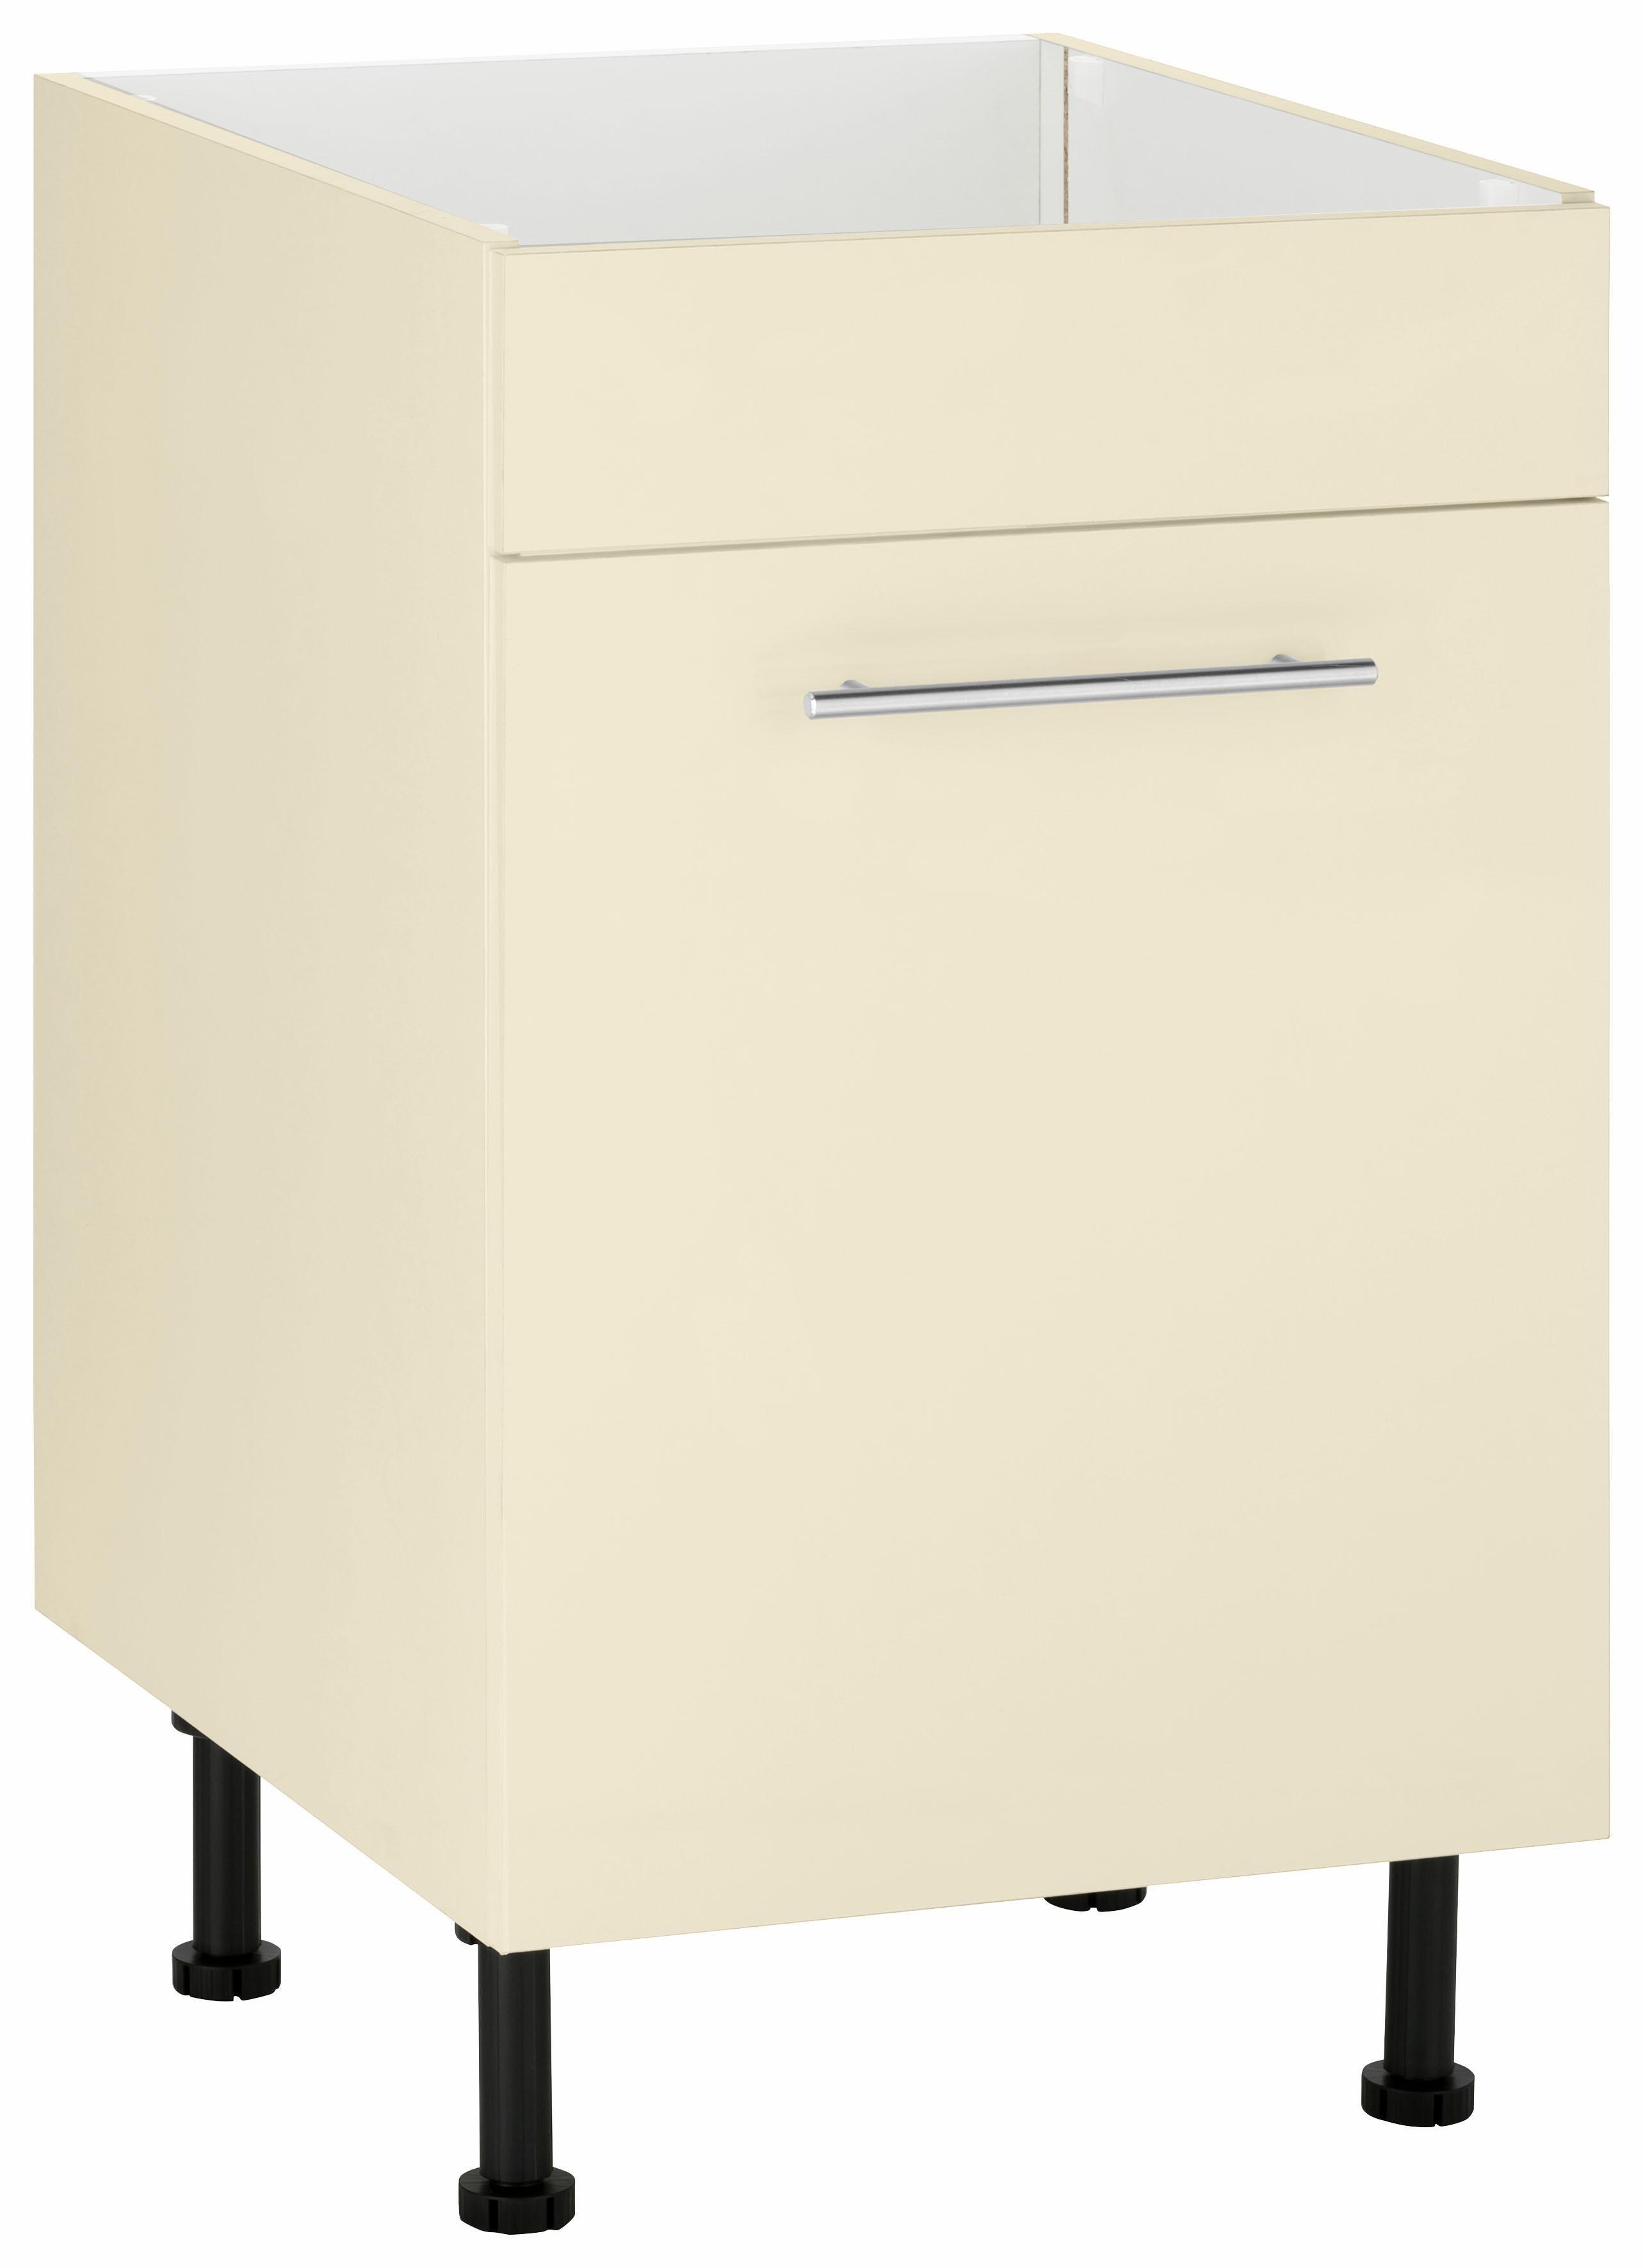 Wiho Küchen Spülenschrank »Ela«, Breite 50 cm | Küche und Esszimmer > Küchenschränke > Spülenschränke | Weiß - Glanz | Melamin | wiho Küchen